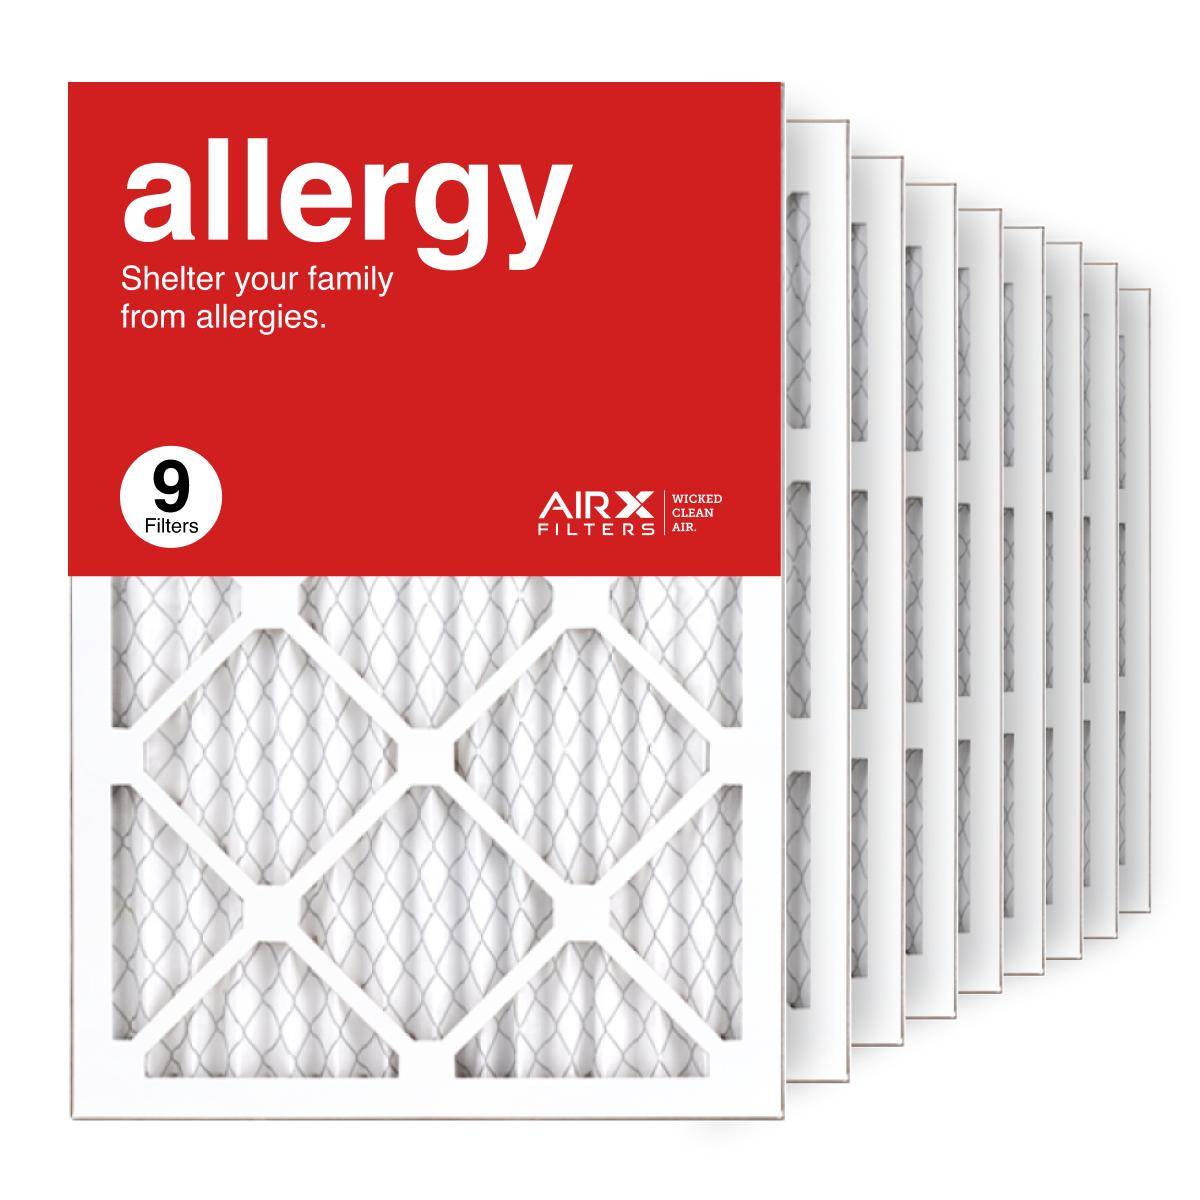 14x20x1 AIRx ALLERGY Air Filter, 9-Pack